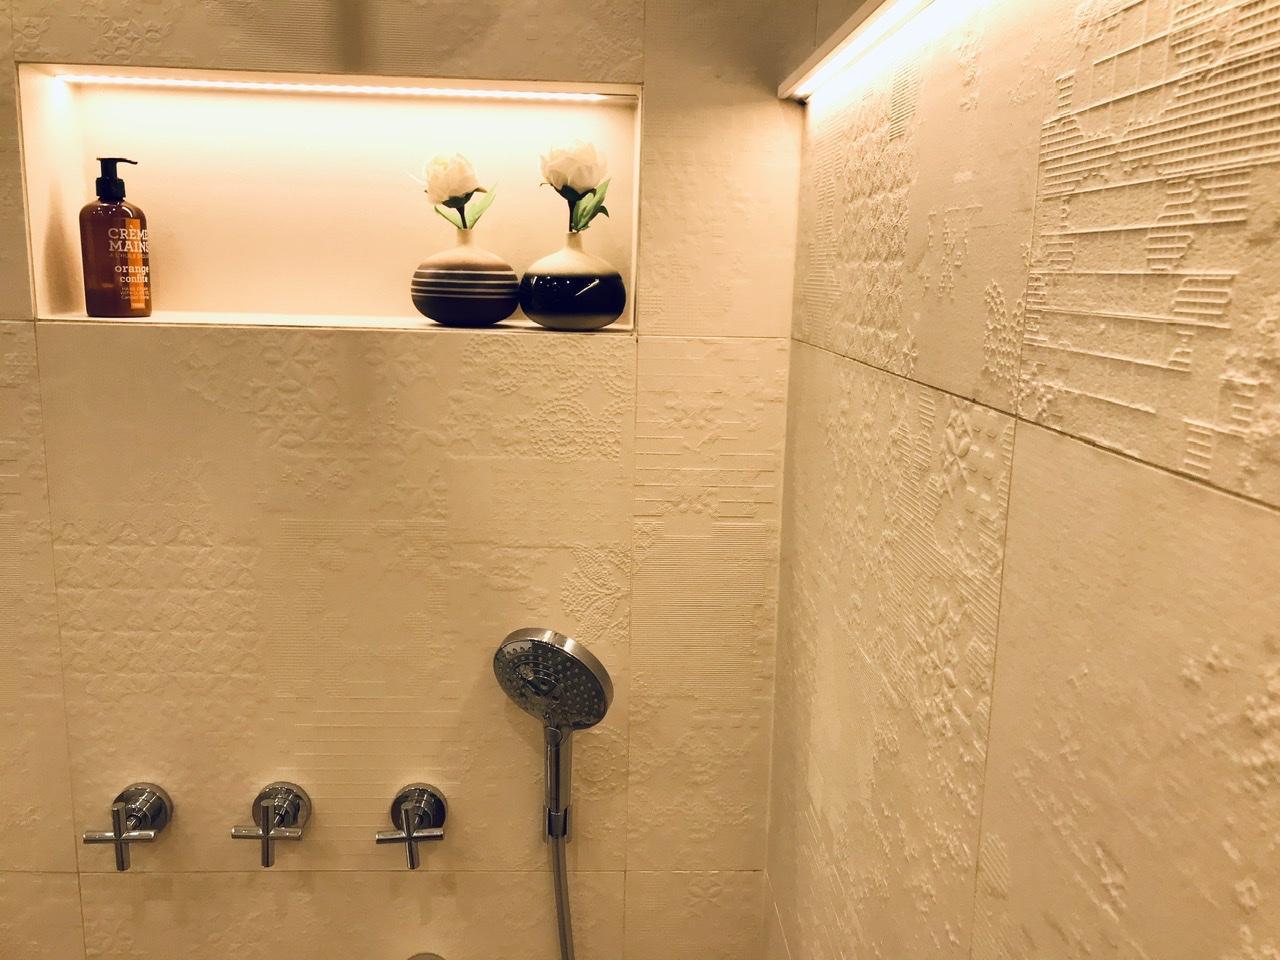 Naše L-ko - 2021 - stále dokončujeme - Obklad s dekorom v sprchovom kúte - nika je na kontrast uplne matne hladká. Podsvietenie obkladu - zapustený led pásik v parapete Fundermax.